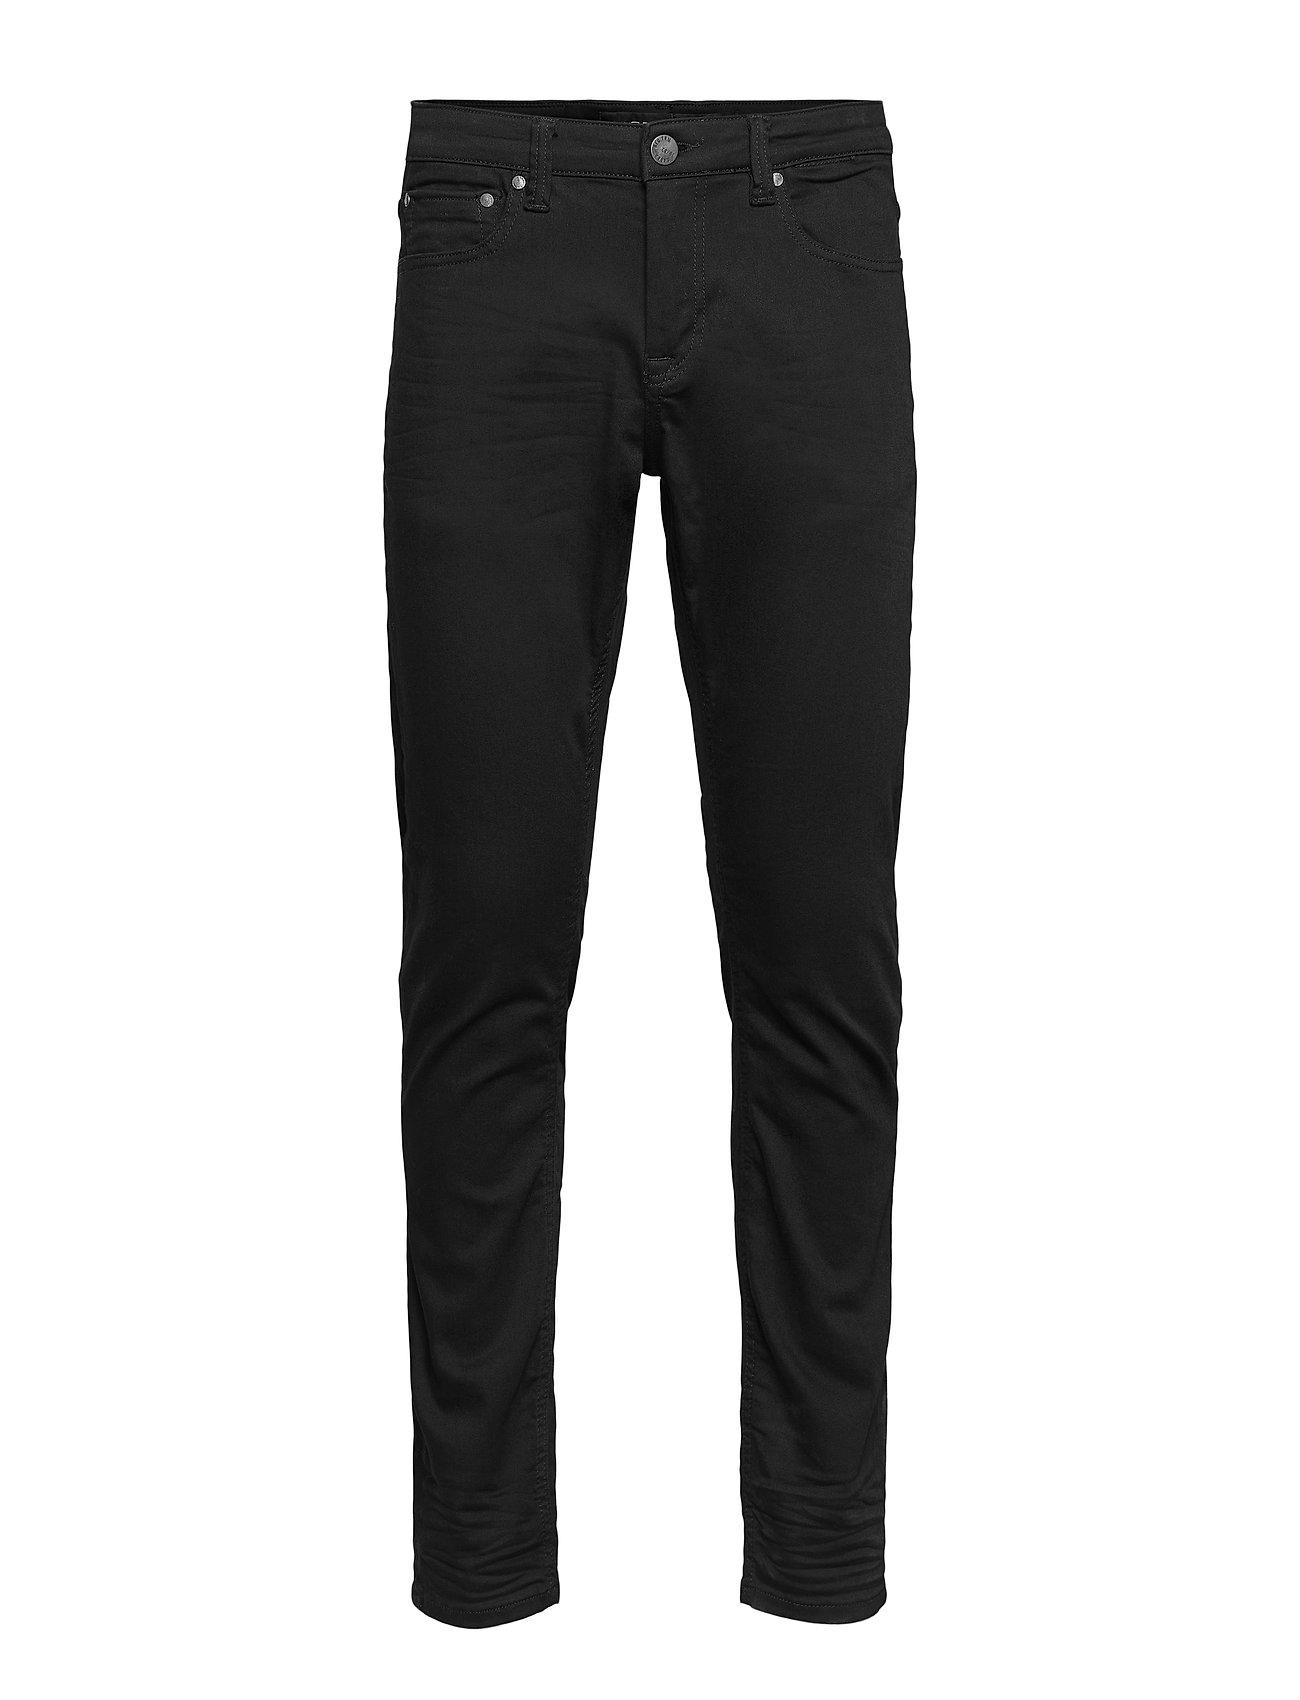 Image of J S K1911 Black Jeans Slim Jeans Sort Gabba (3484278349)